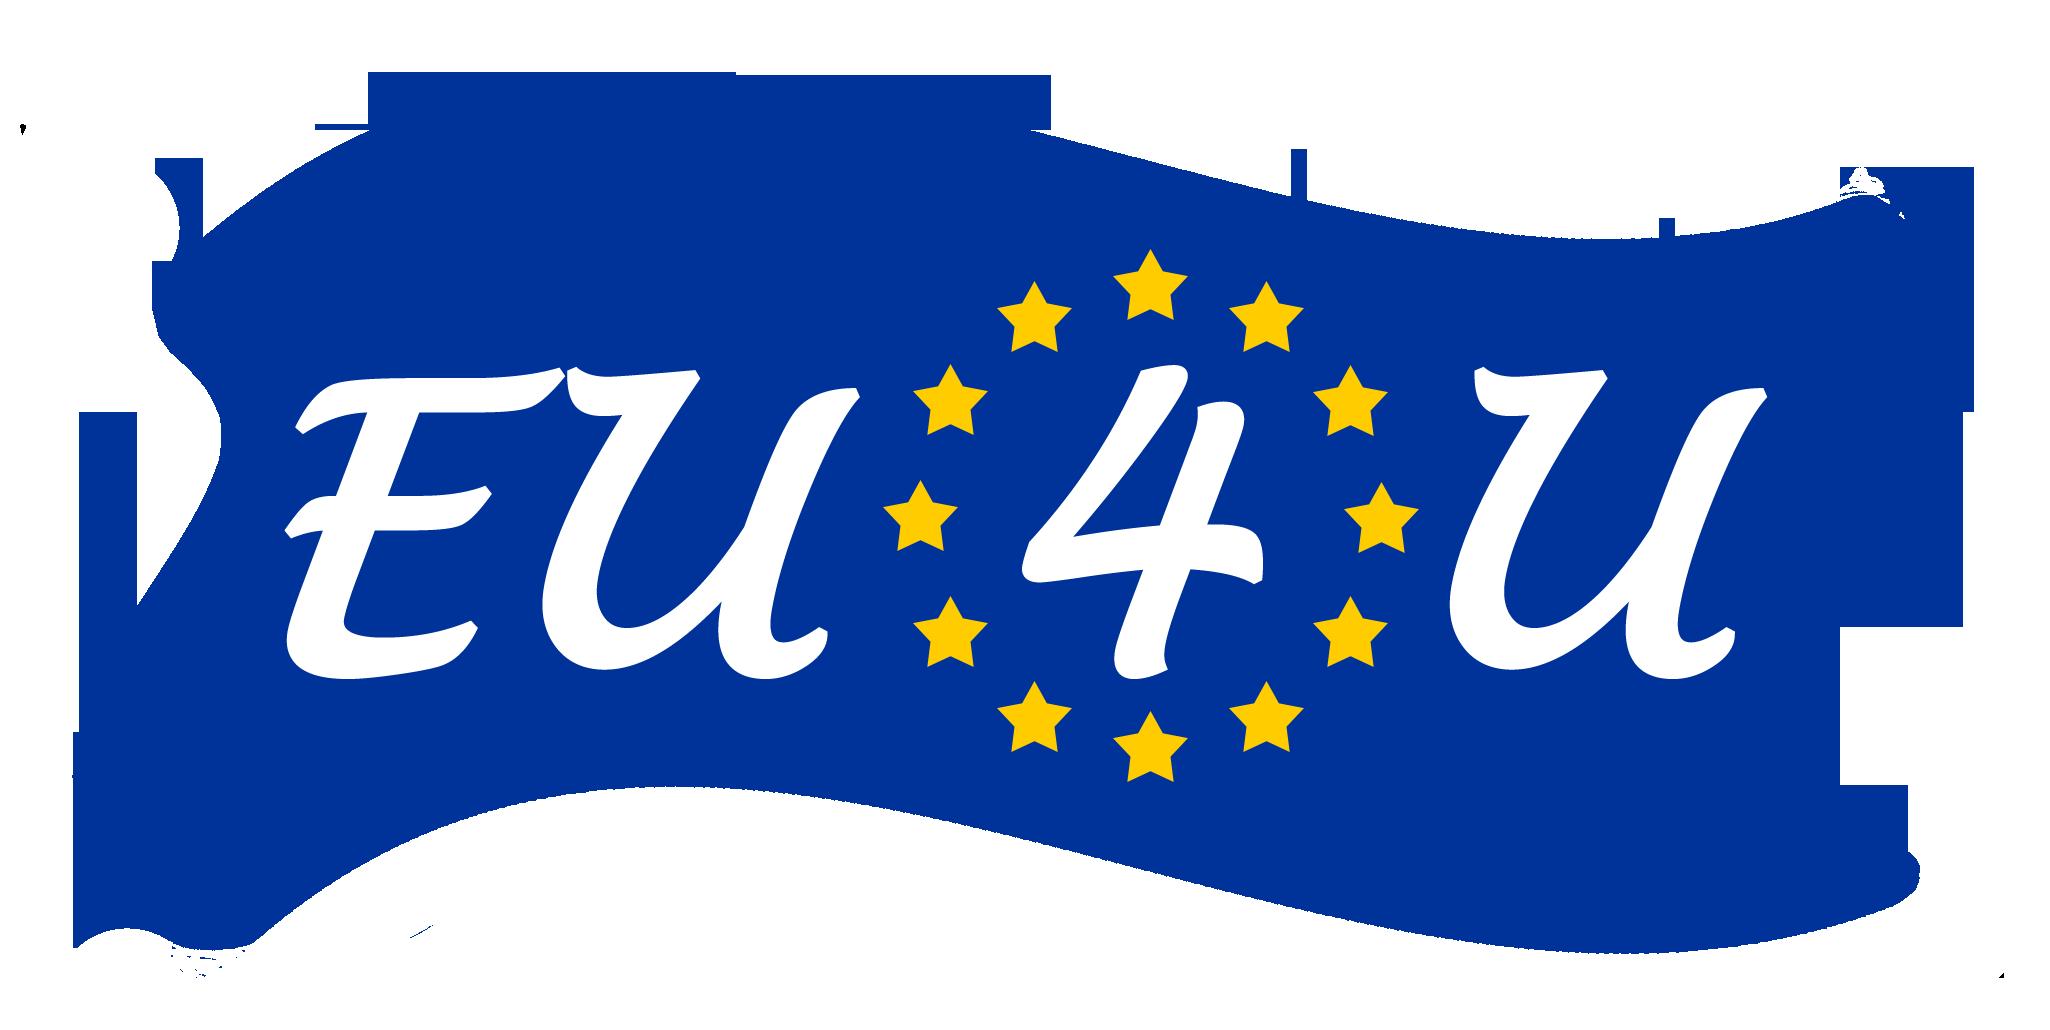 EU4U logo